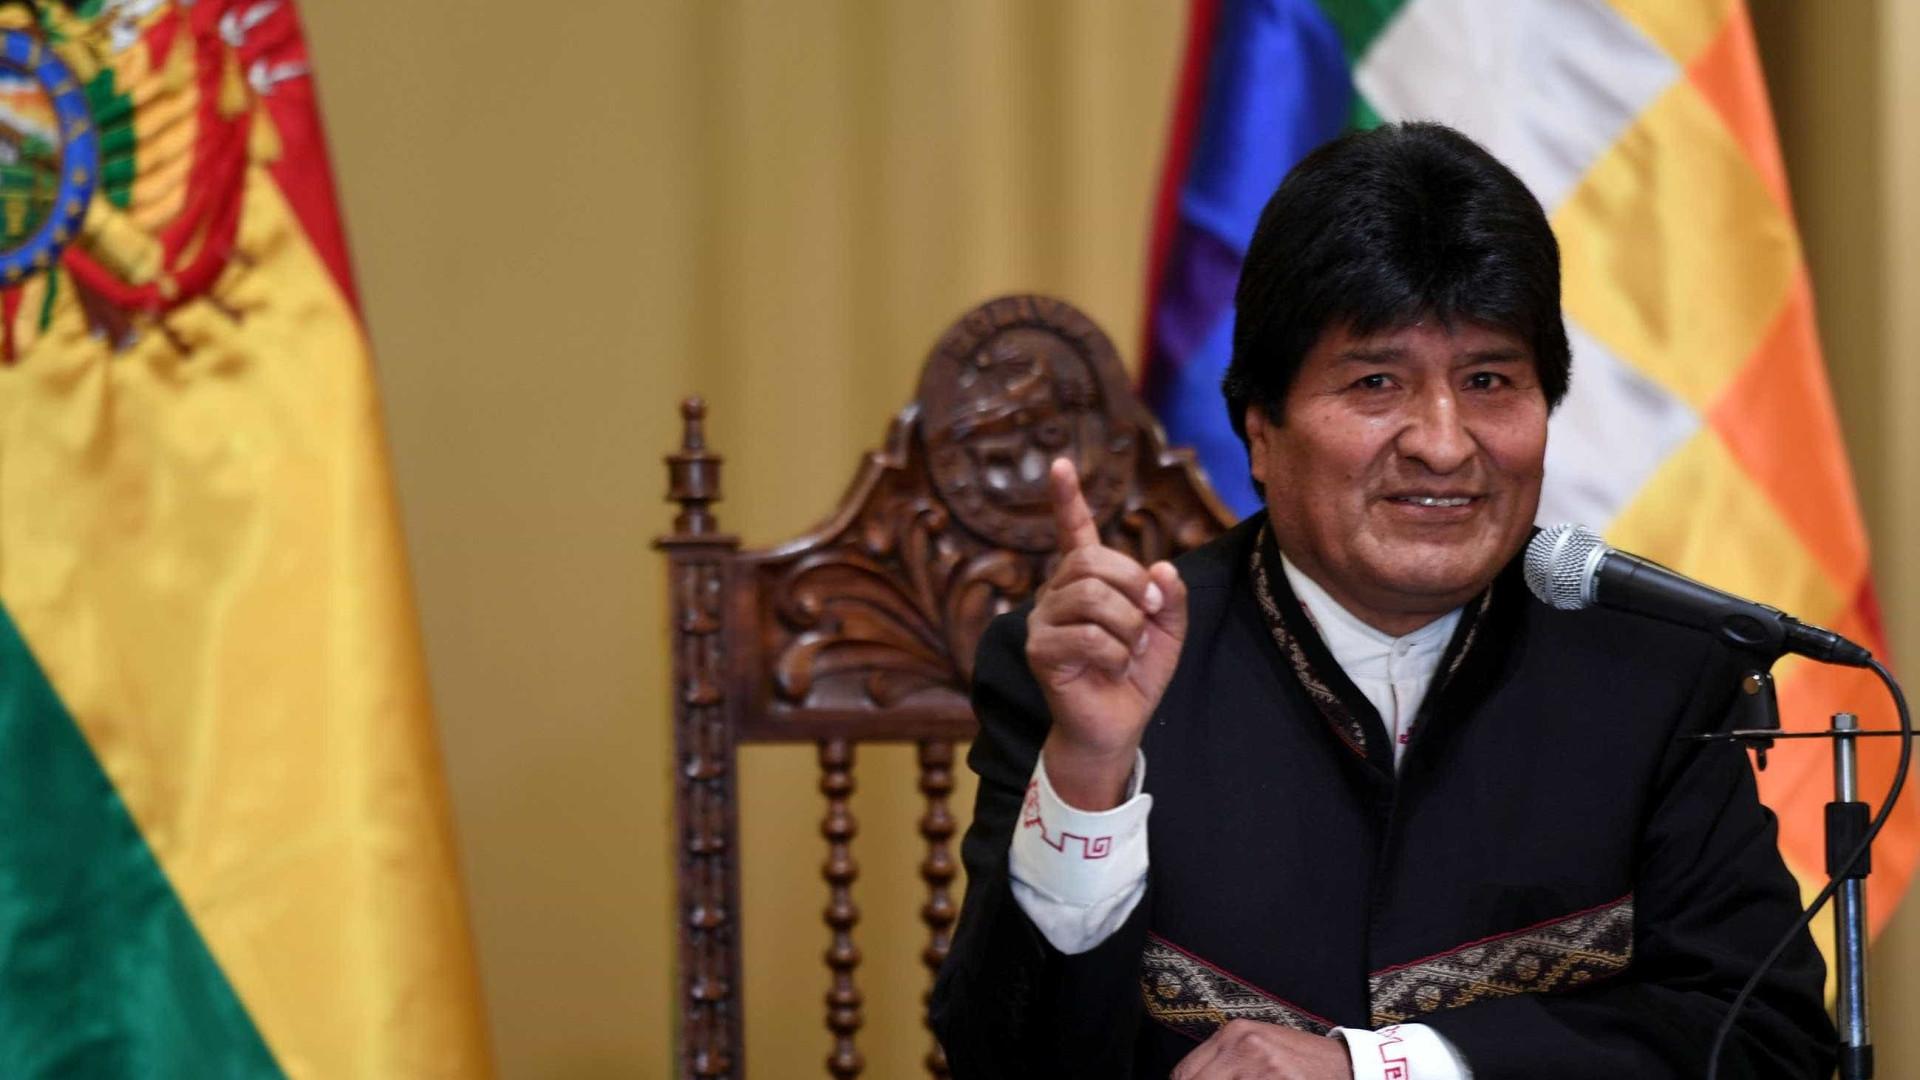 Após relatos de violência, ONU pede que bolivianos tenham moderação